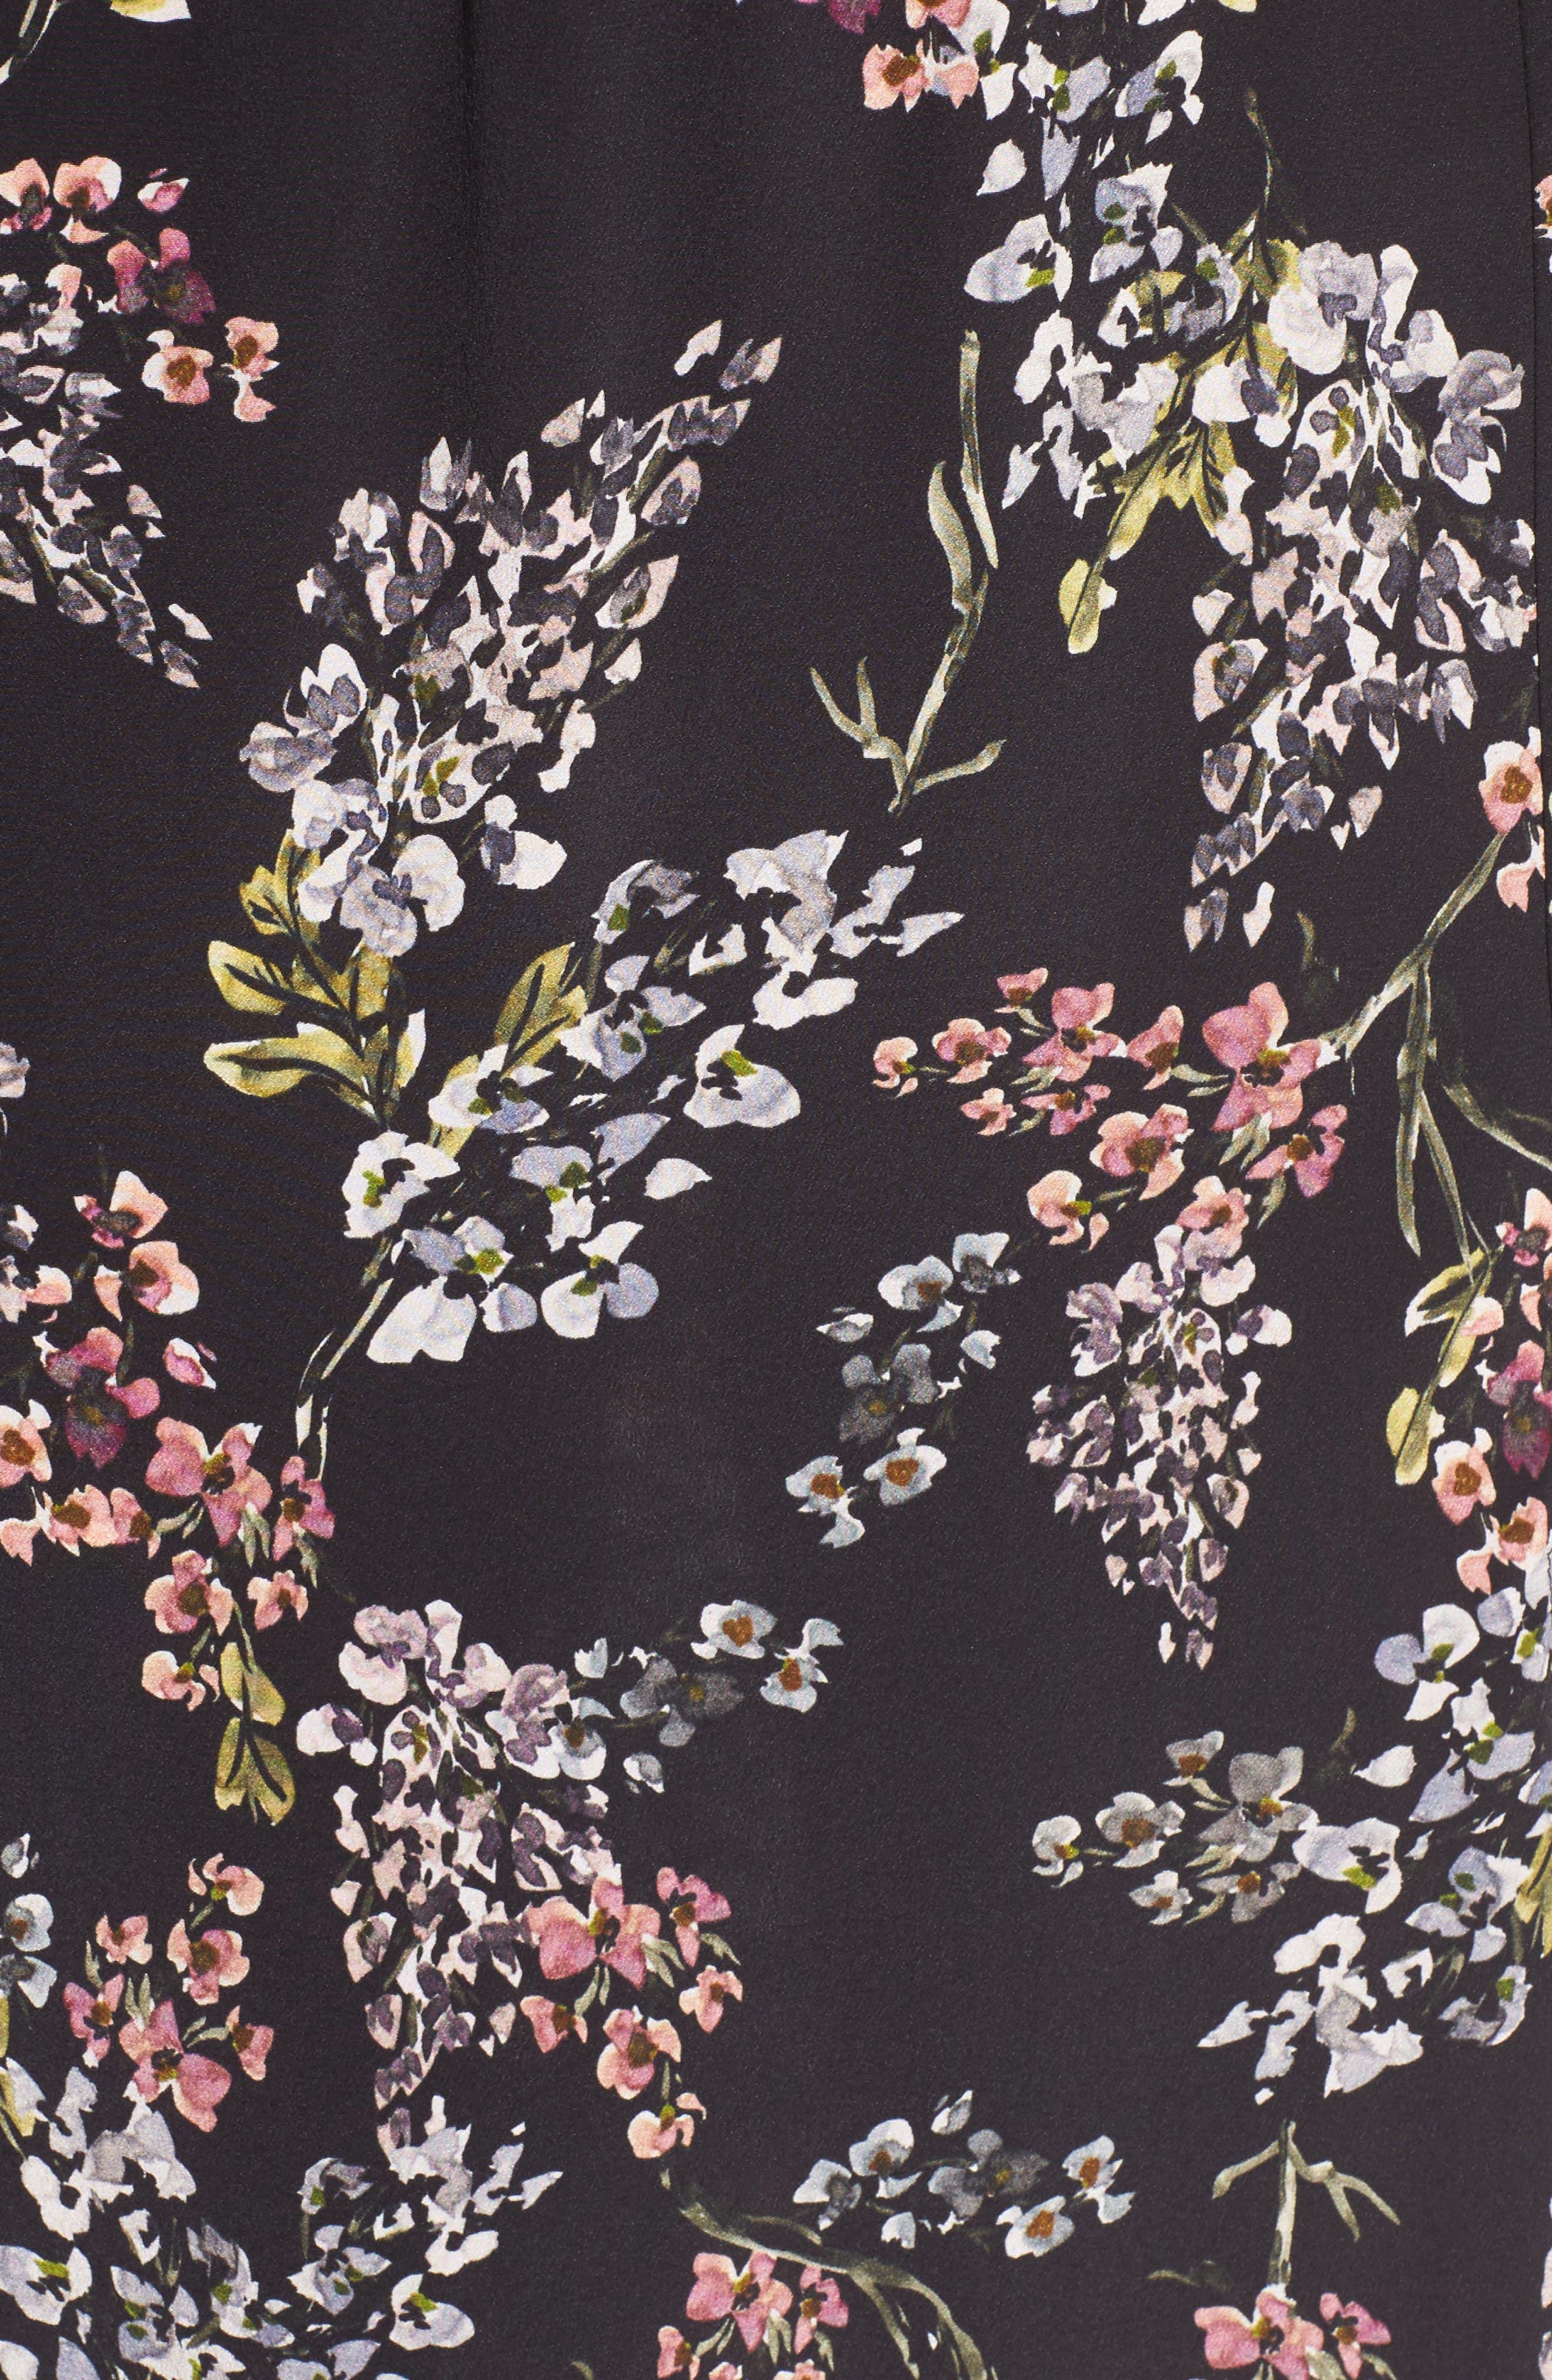 Nicholson Off the Shoulder Dress,                             Alternate thumbnail 5, color,                             Black Autumn